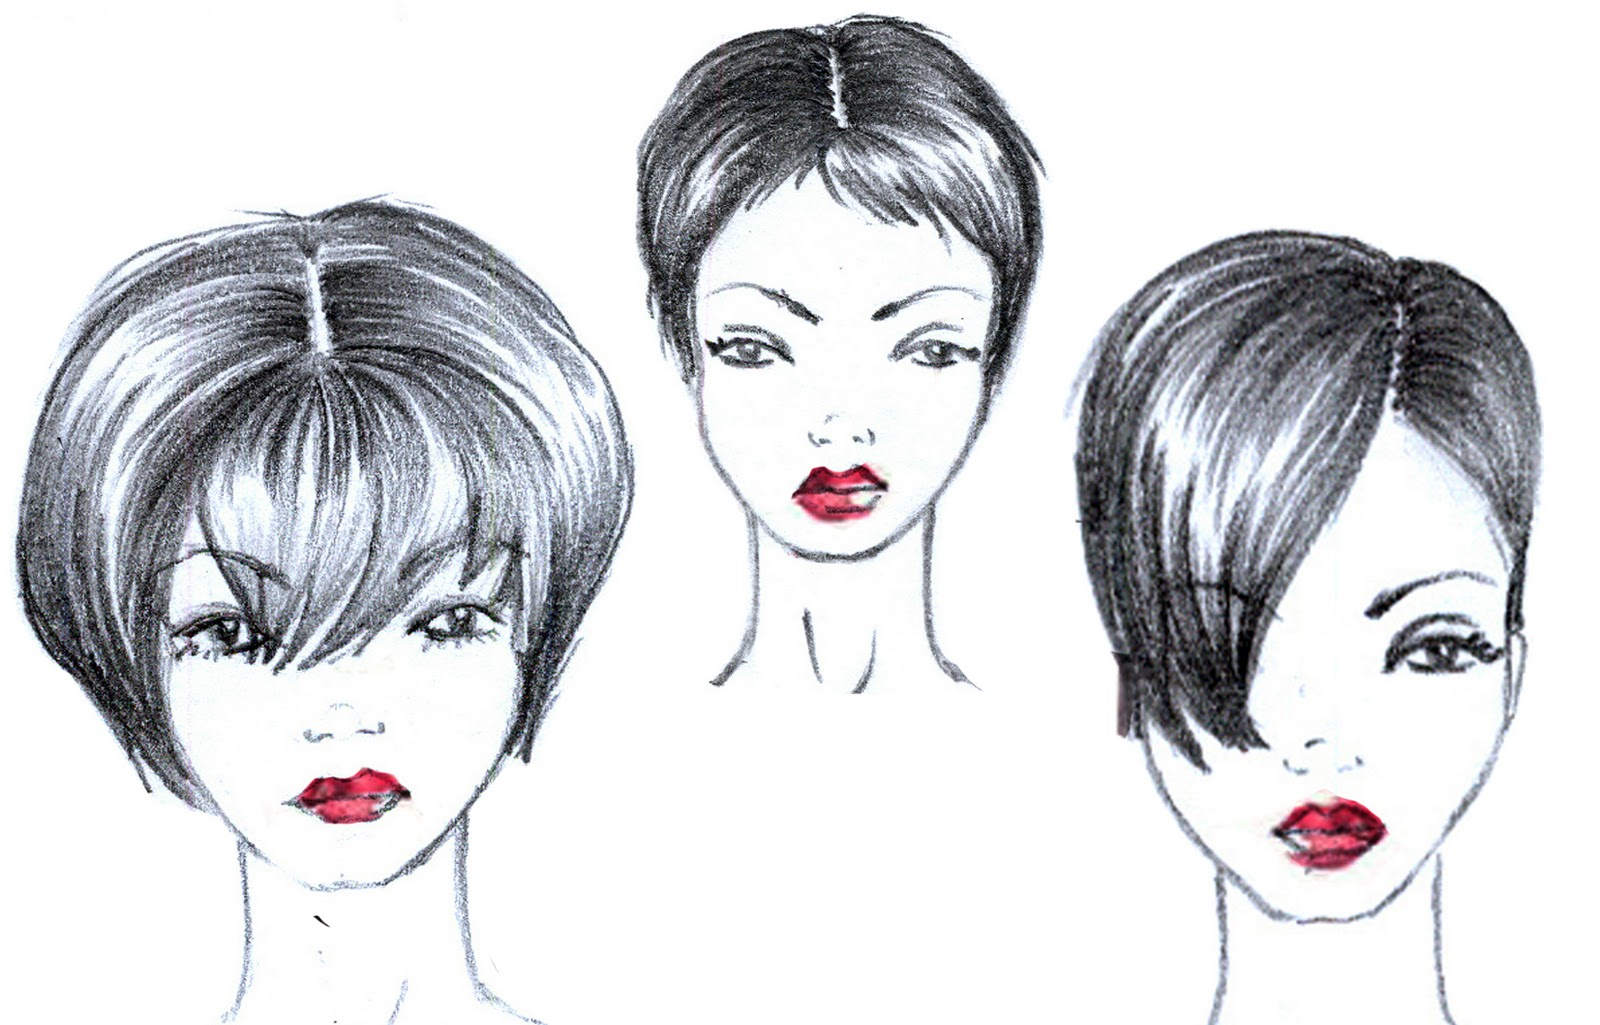 http://1.bp.blogspot.com/_5jNVERmMJqo/TQtIGAn29FI/AAAAAAAAAY8/heL4UDiuKqg/s1600/cabelos+curtos.jpg